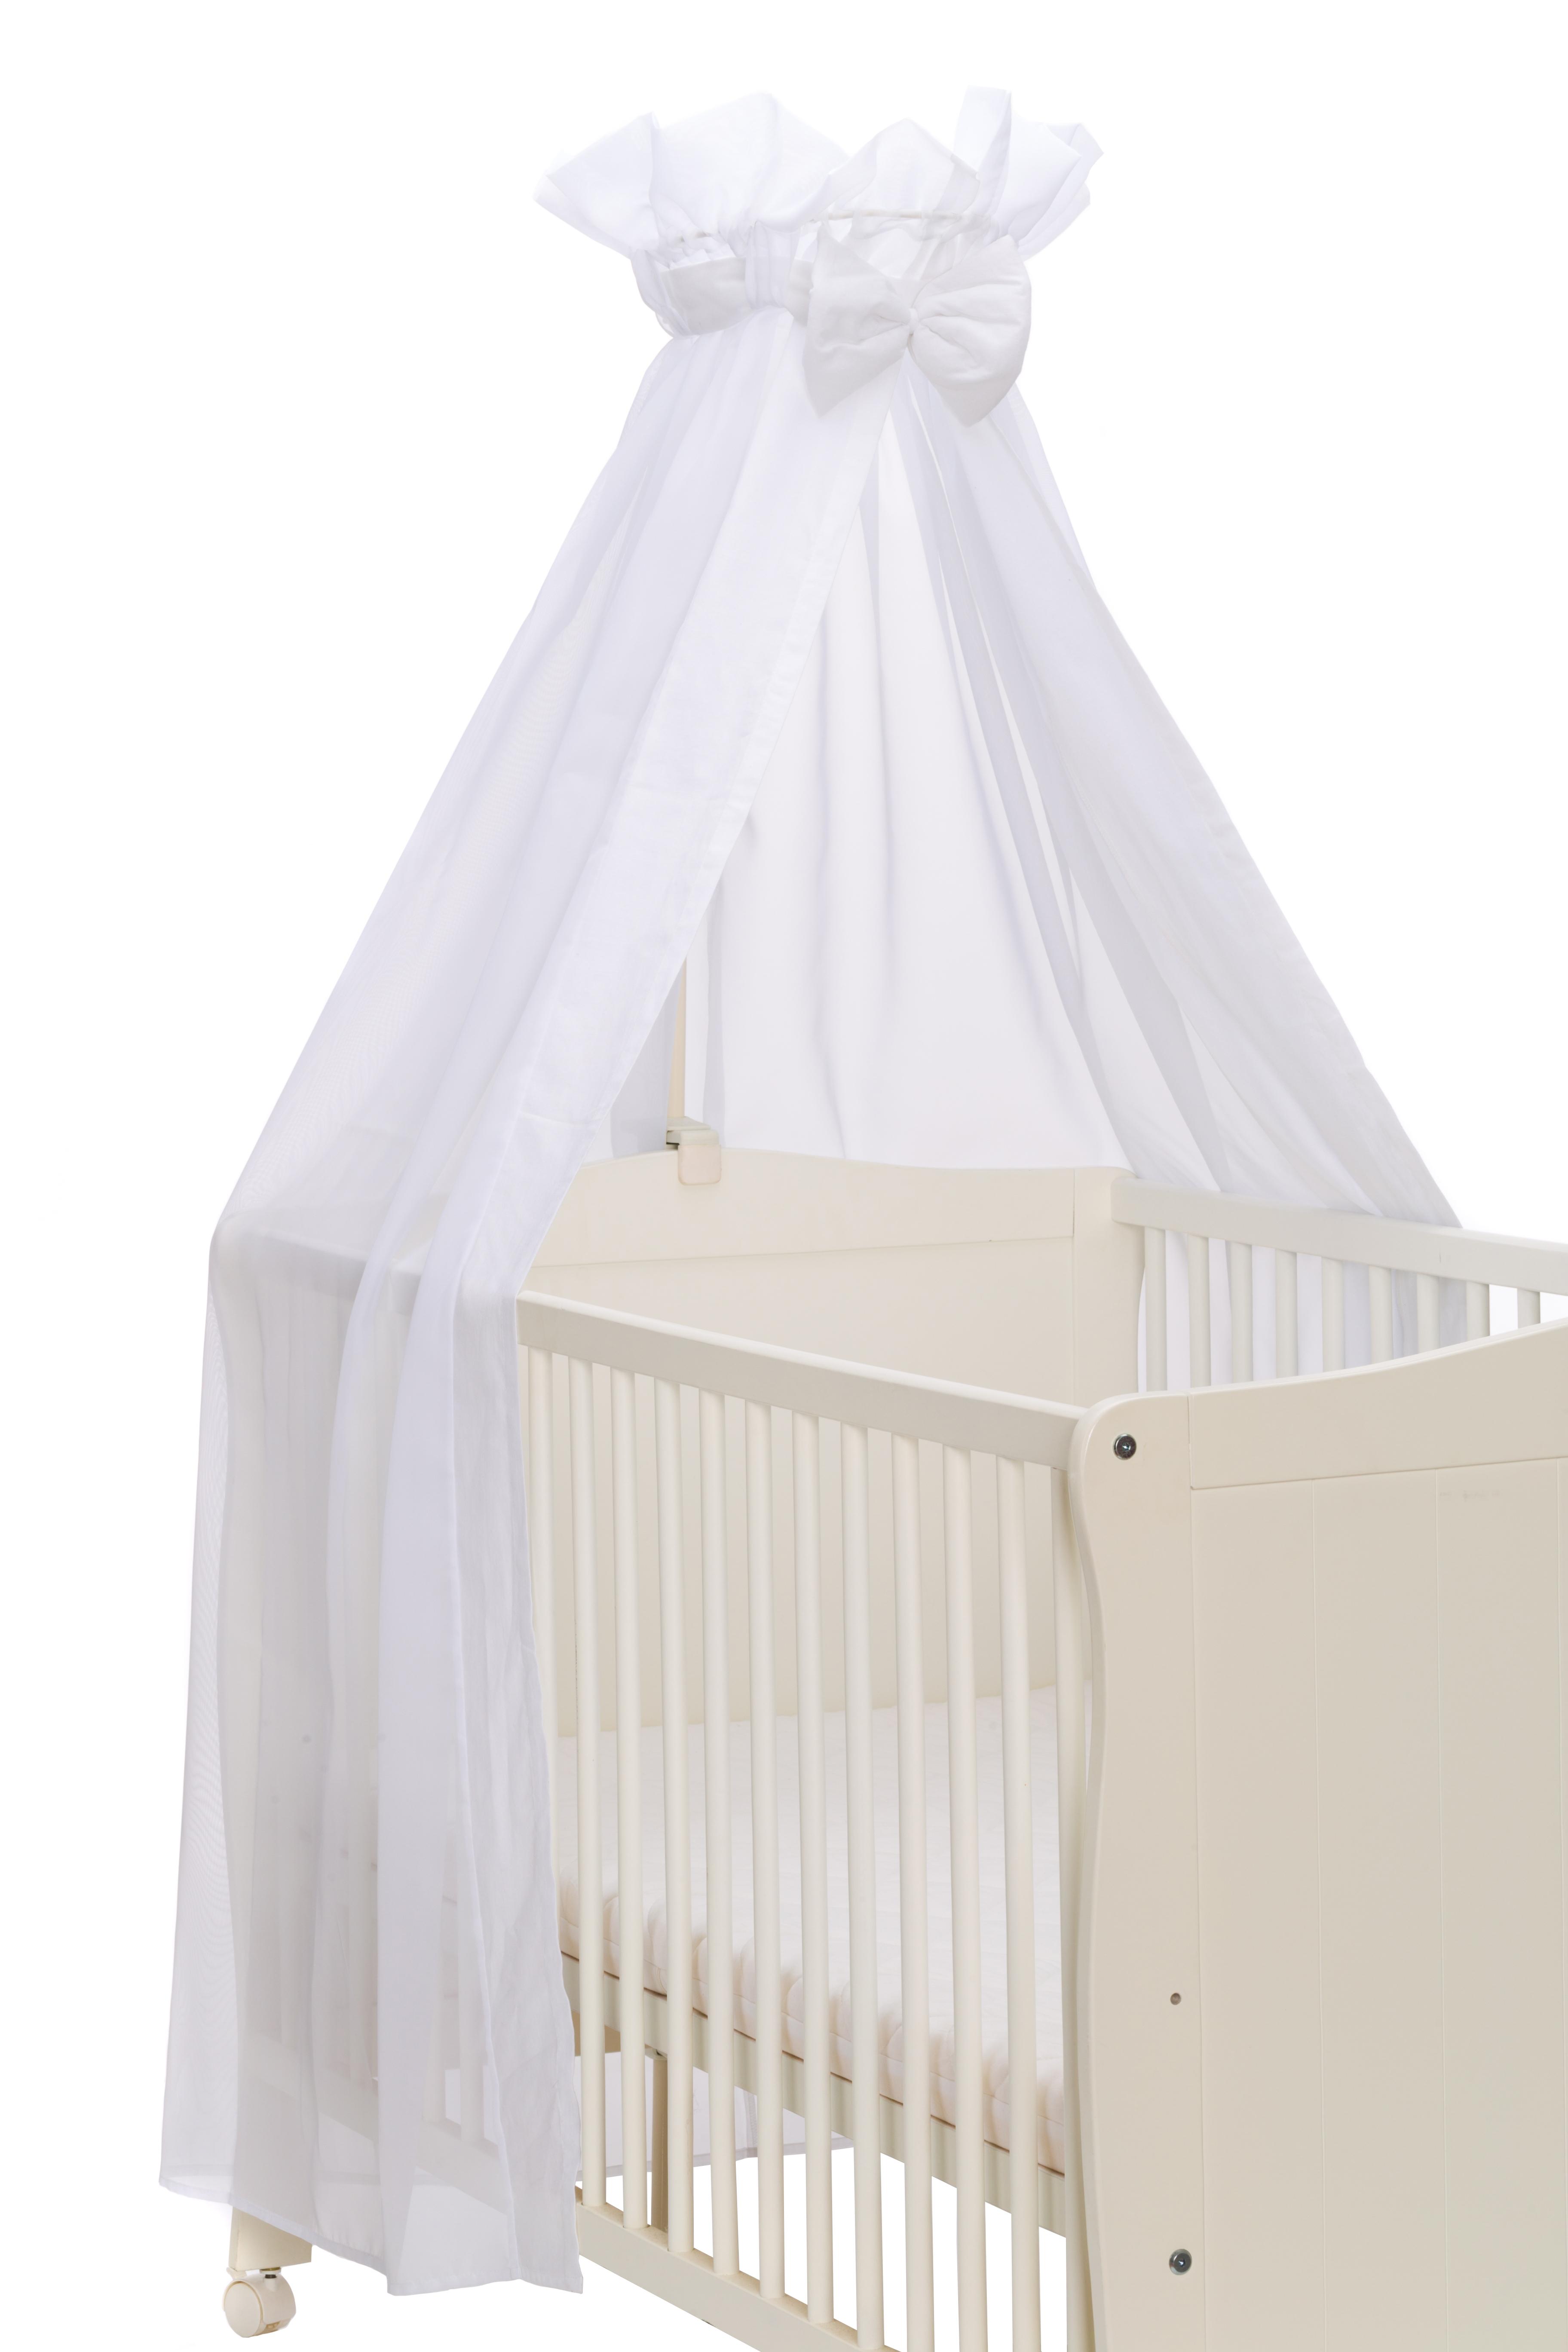 sterntaler bett himmel baby and kids der onlineshop. Black Bedroom Furniture Sets. Home Design Ideas